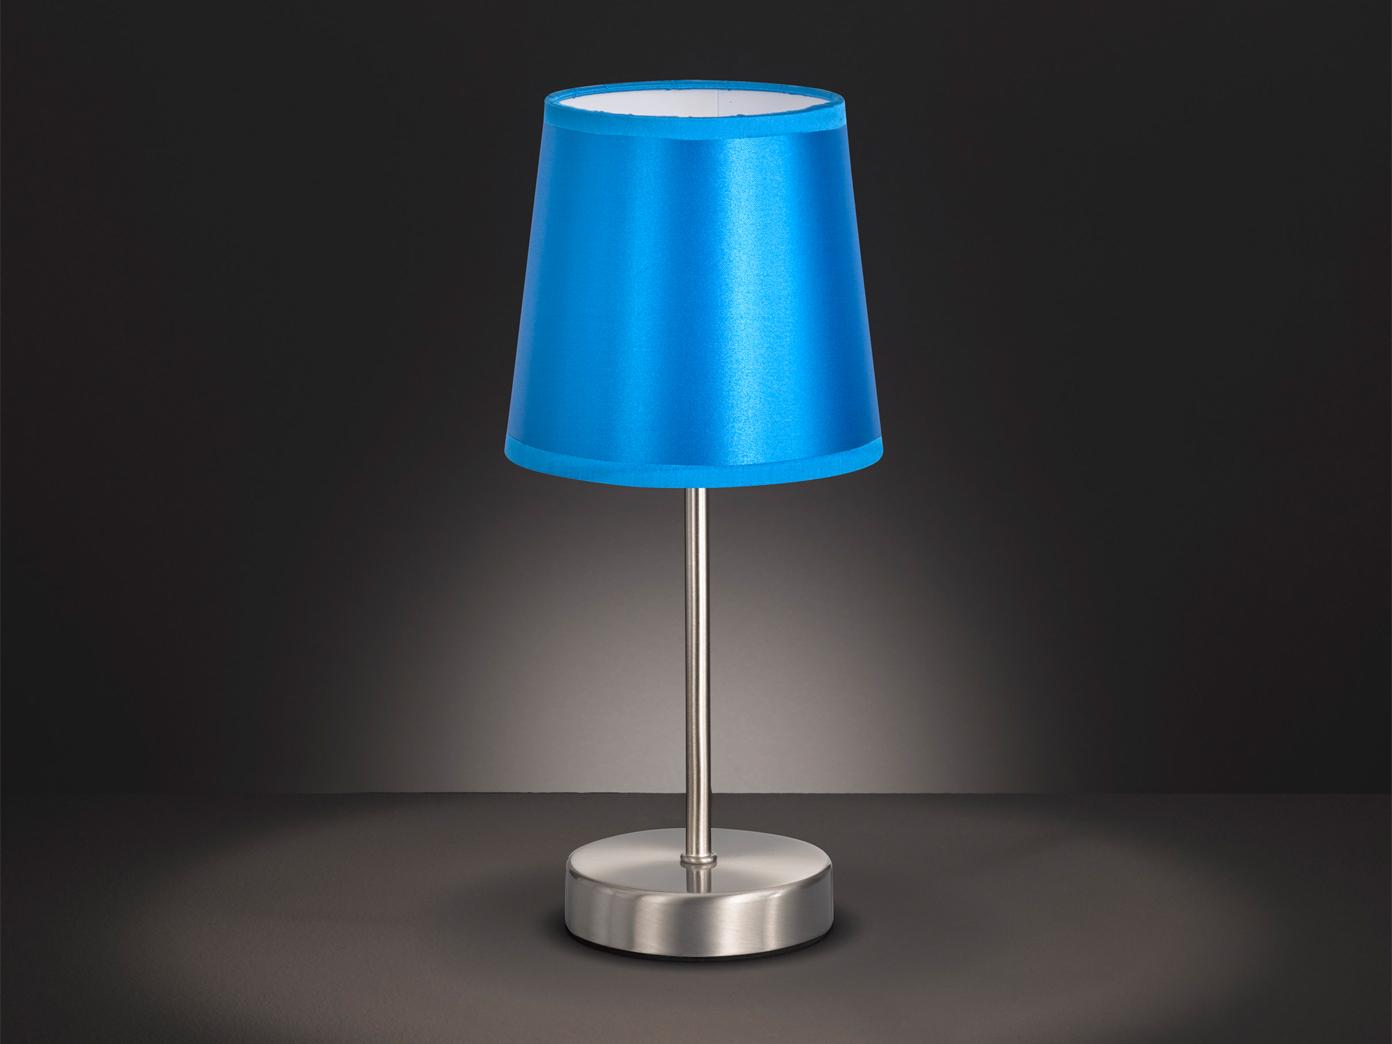 Schlafzimmerlampen Klassische Tischleuchte mit Textil Schirm Rosa Ø 14cm E14